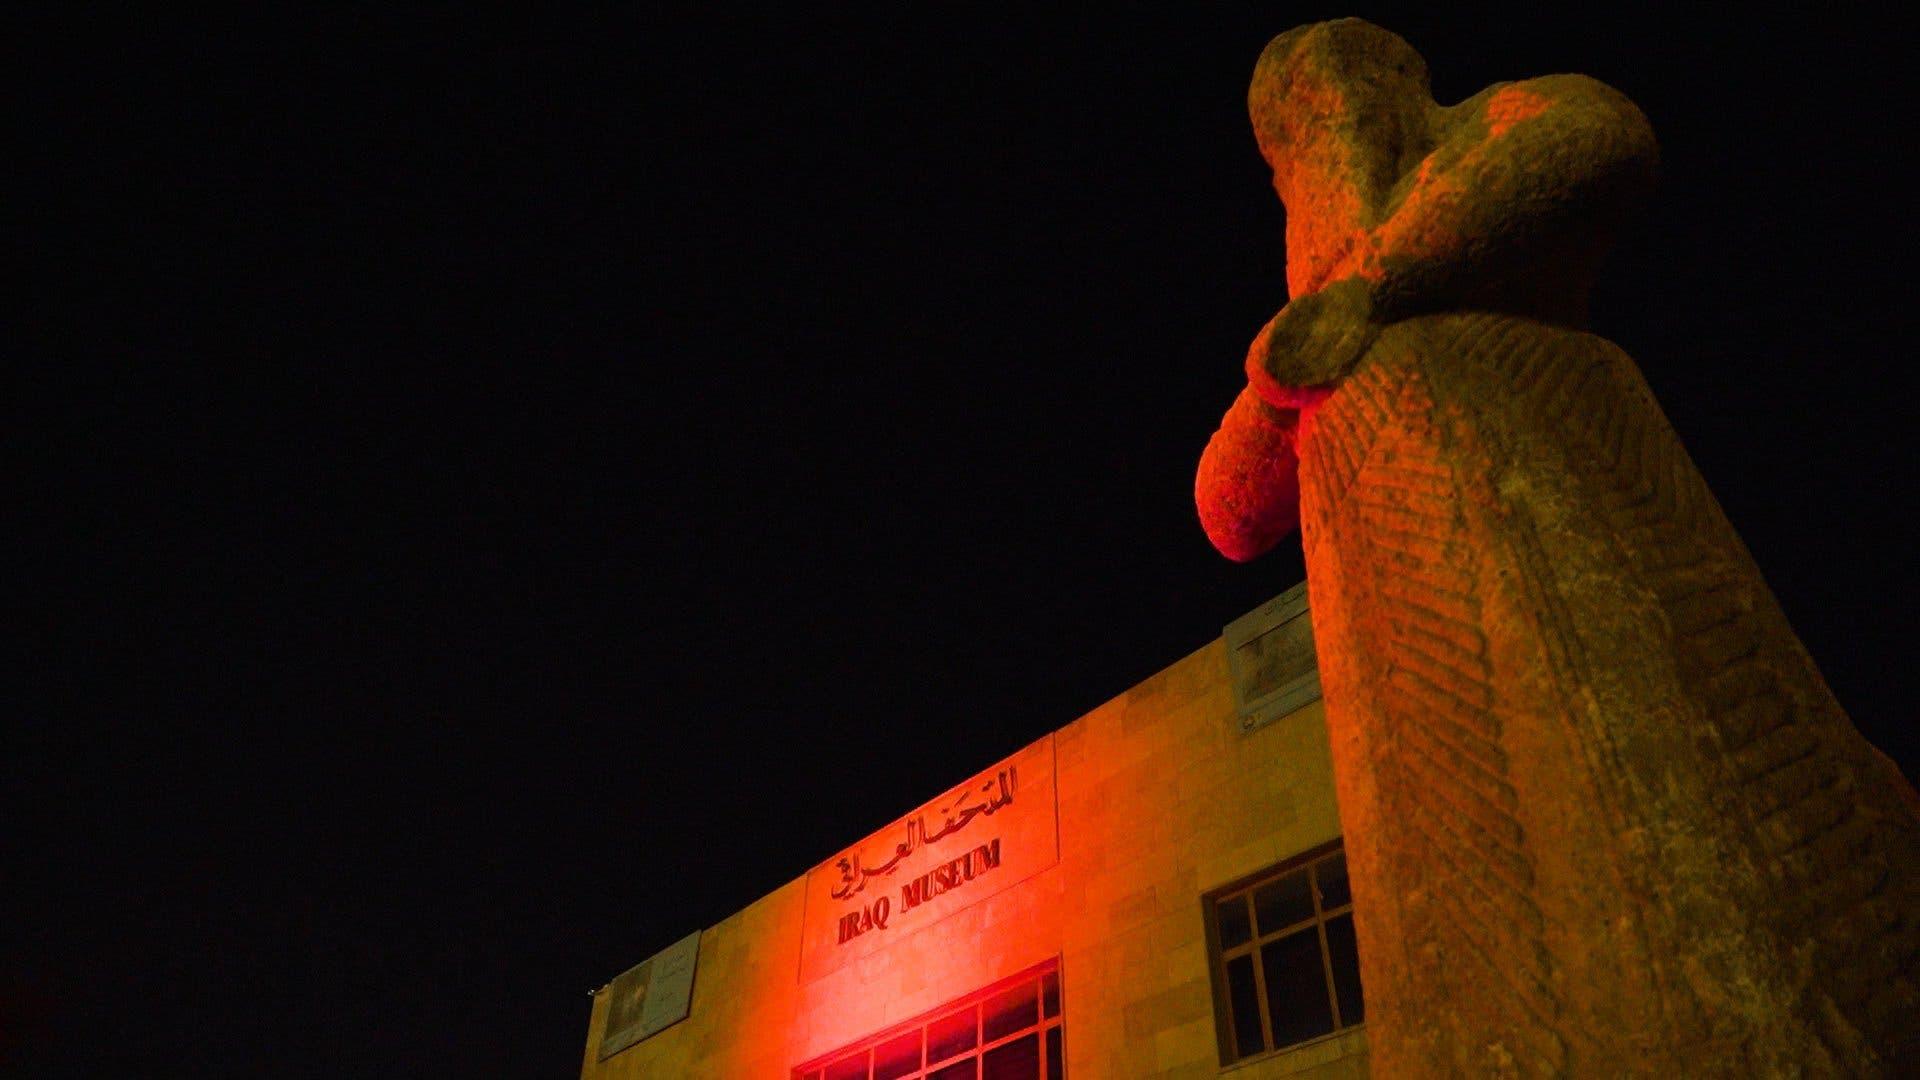 Iraq Museum. (Twitter)